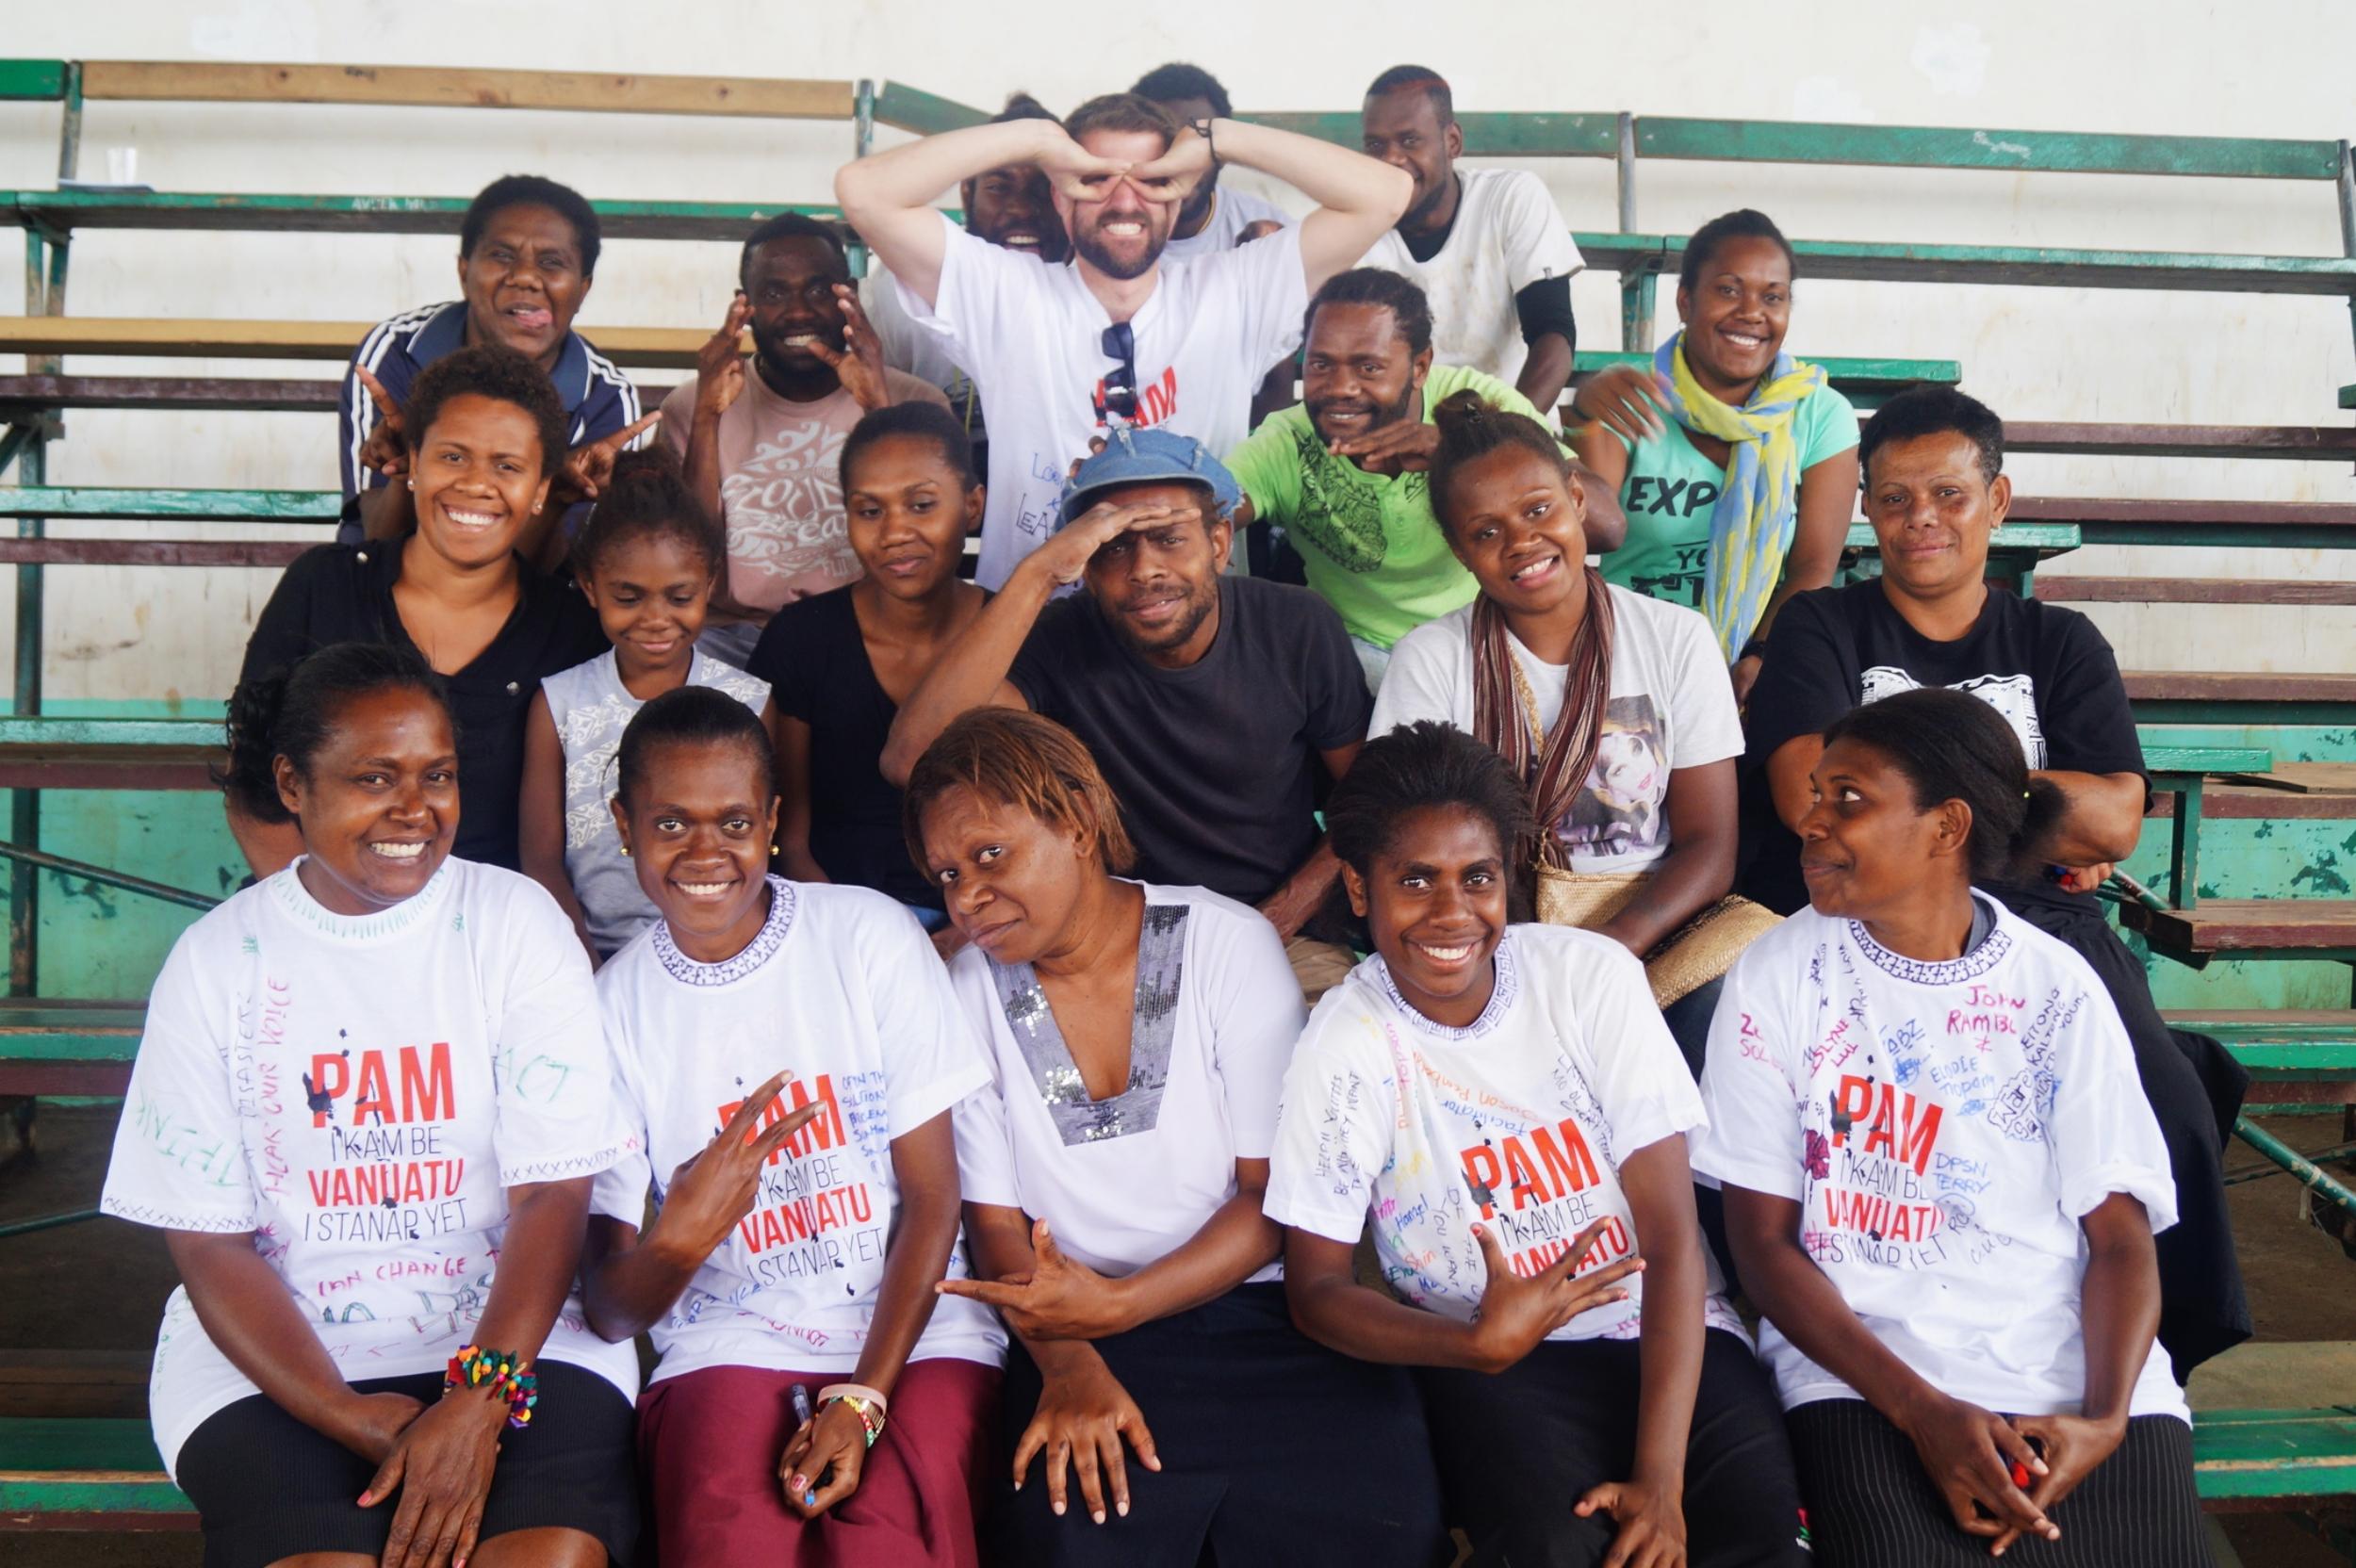 Participants and Facilitators from LBD Port Vila, October 2015.